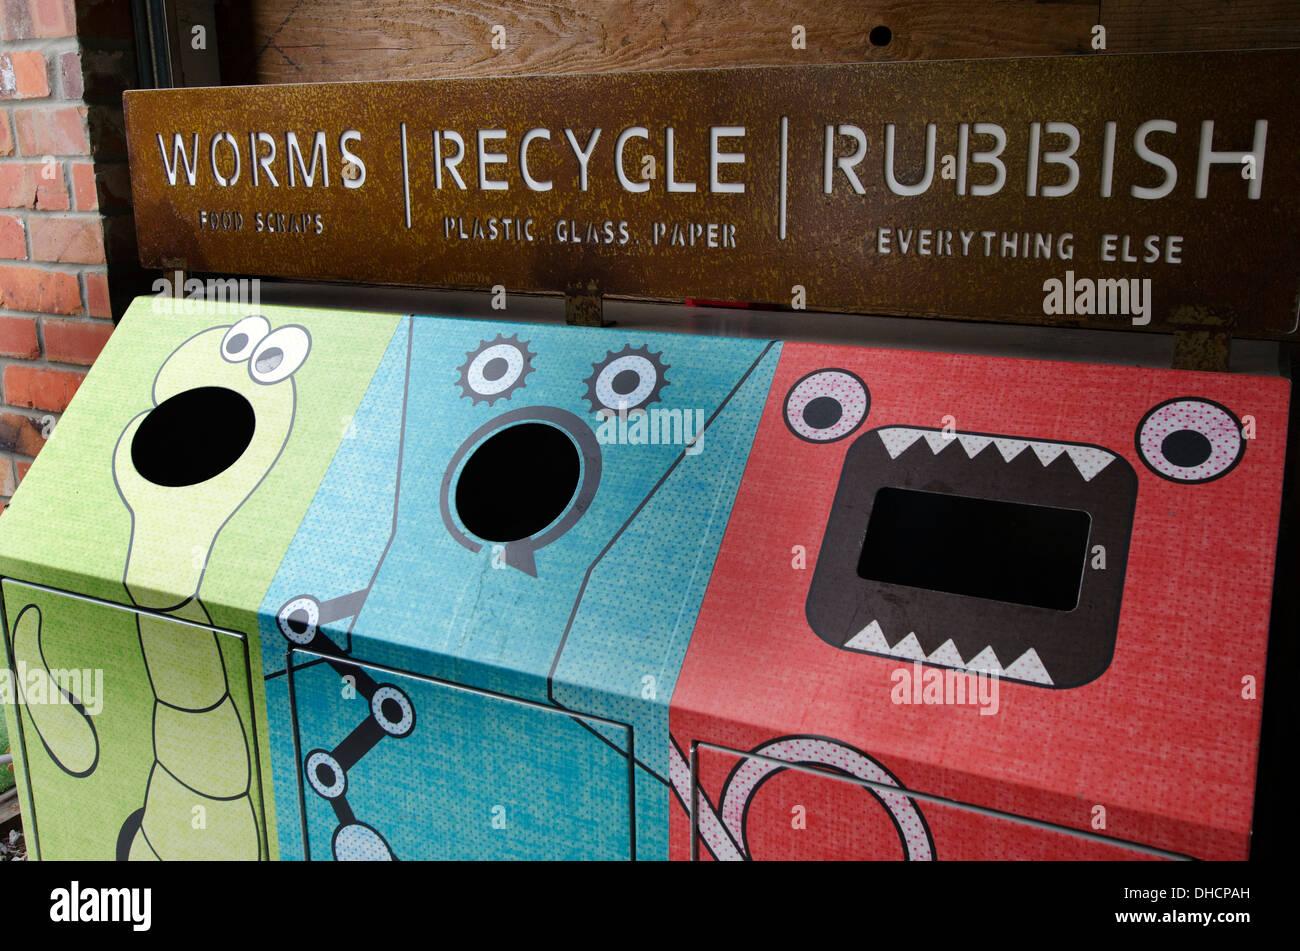 Cubos de reciclaje - Worms, reciclar la basura Imagen De Stock